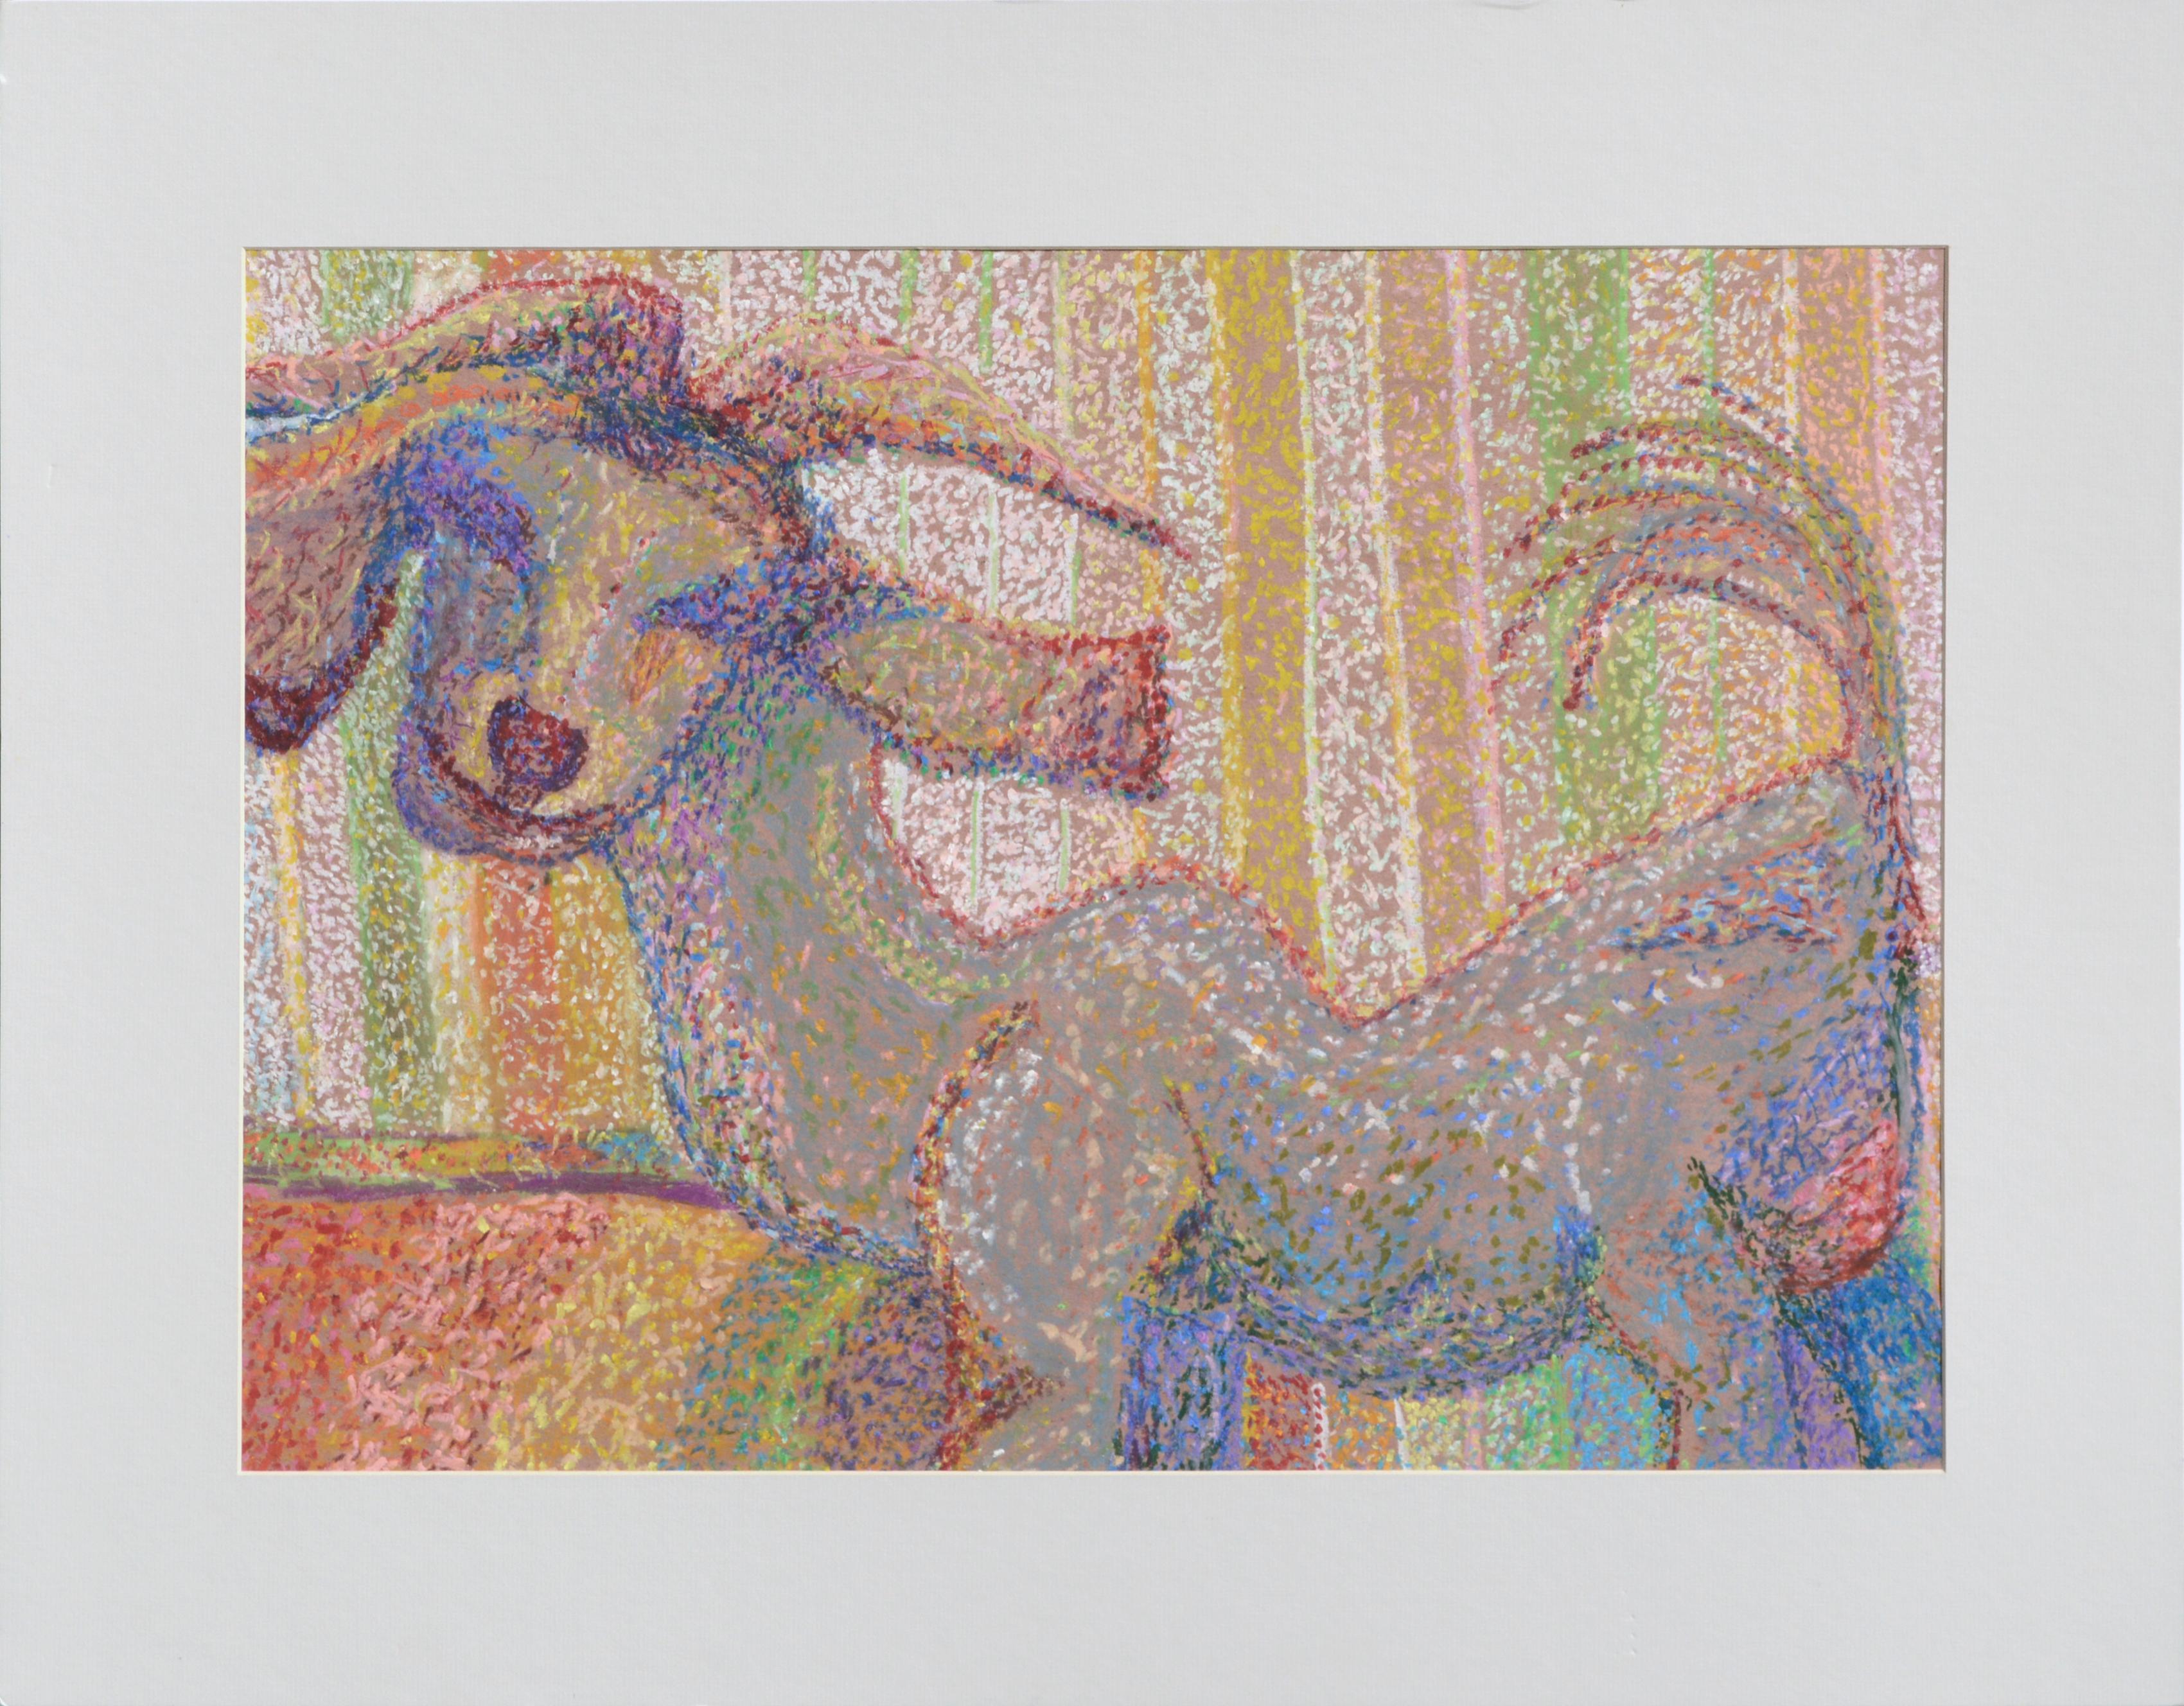 Colorful Pointilist Goat